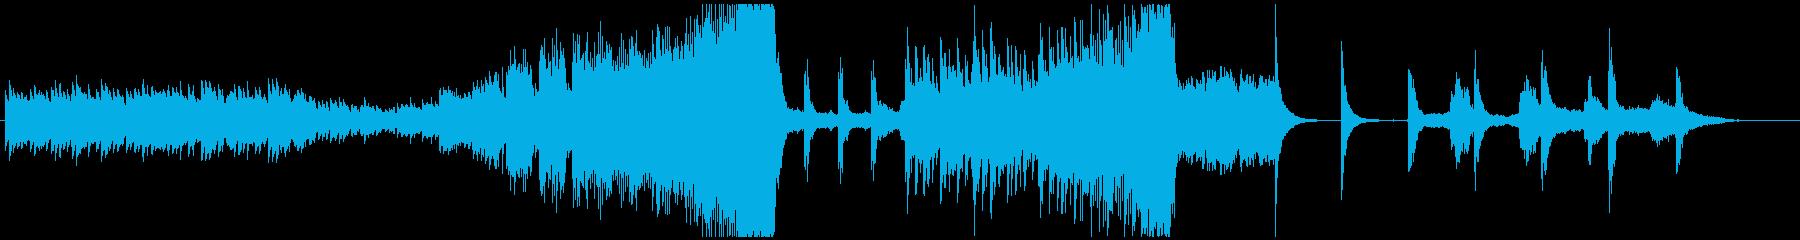 ダークなエレクトロ スリラーやホラーに!の再生済みの波形